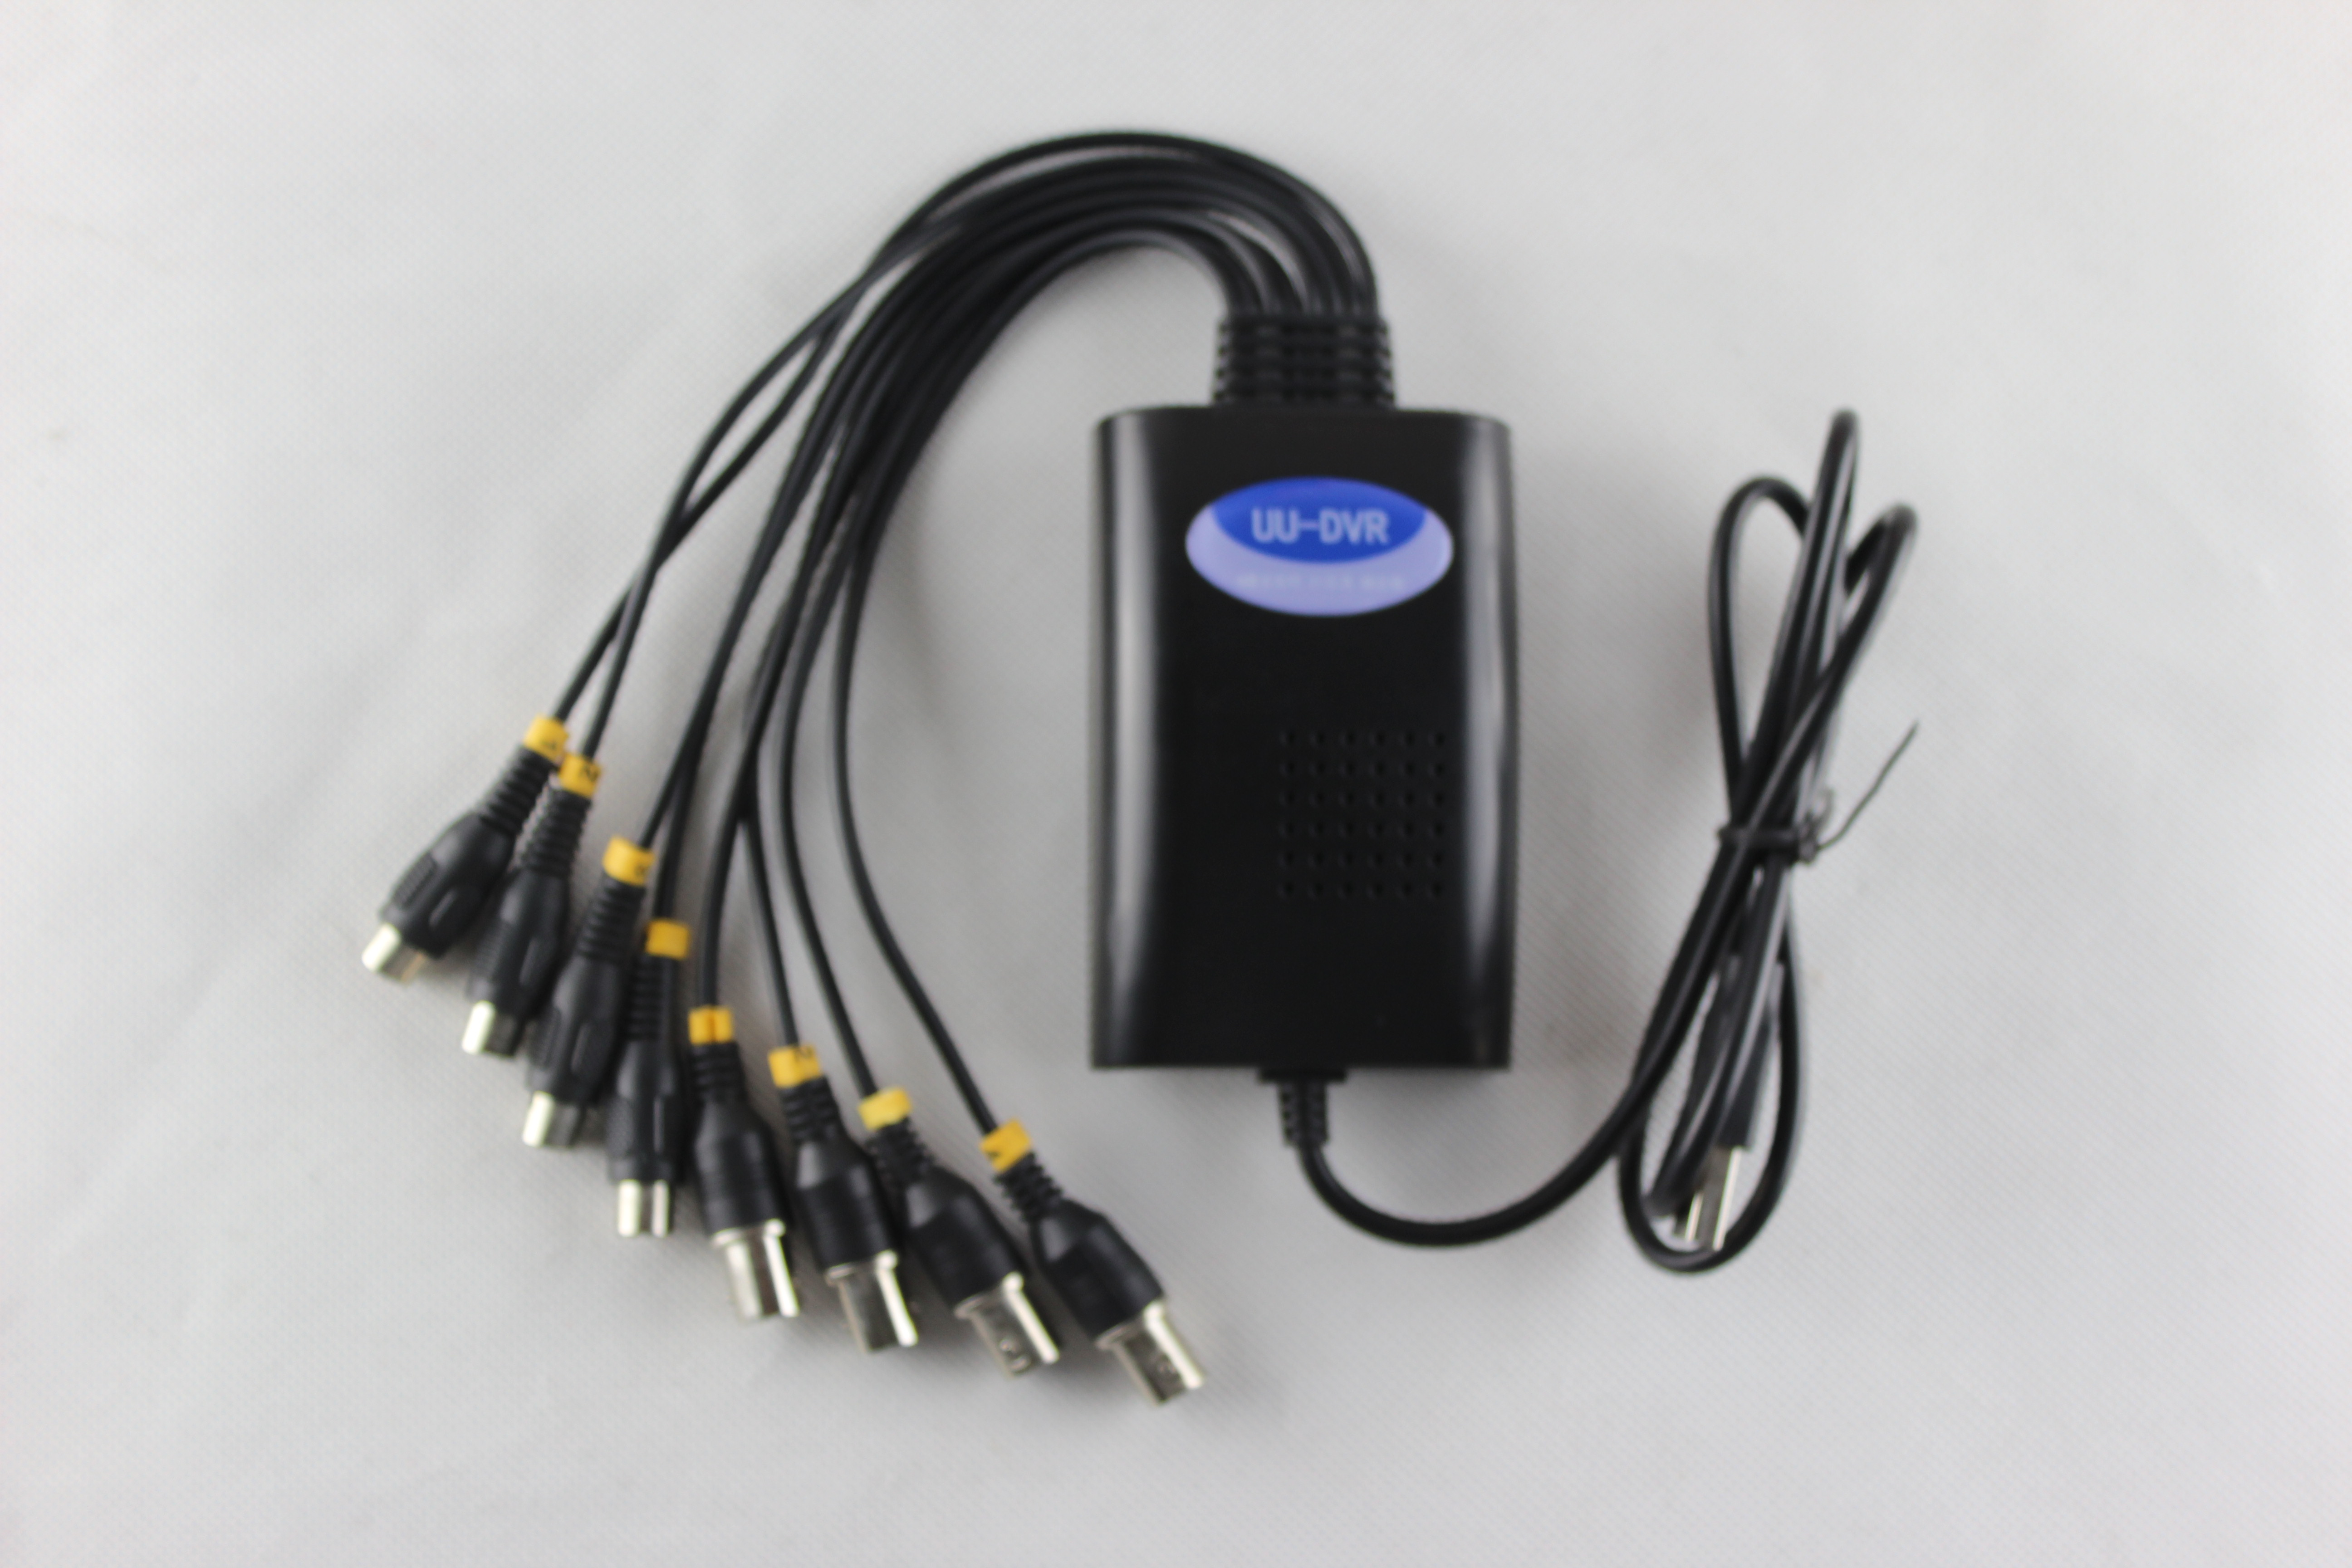 UUDVR 4-канальный USB карта видеозахвата SDK комплект